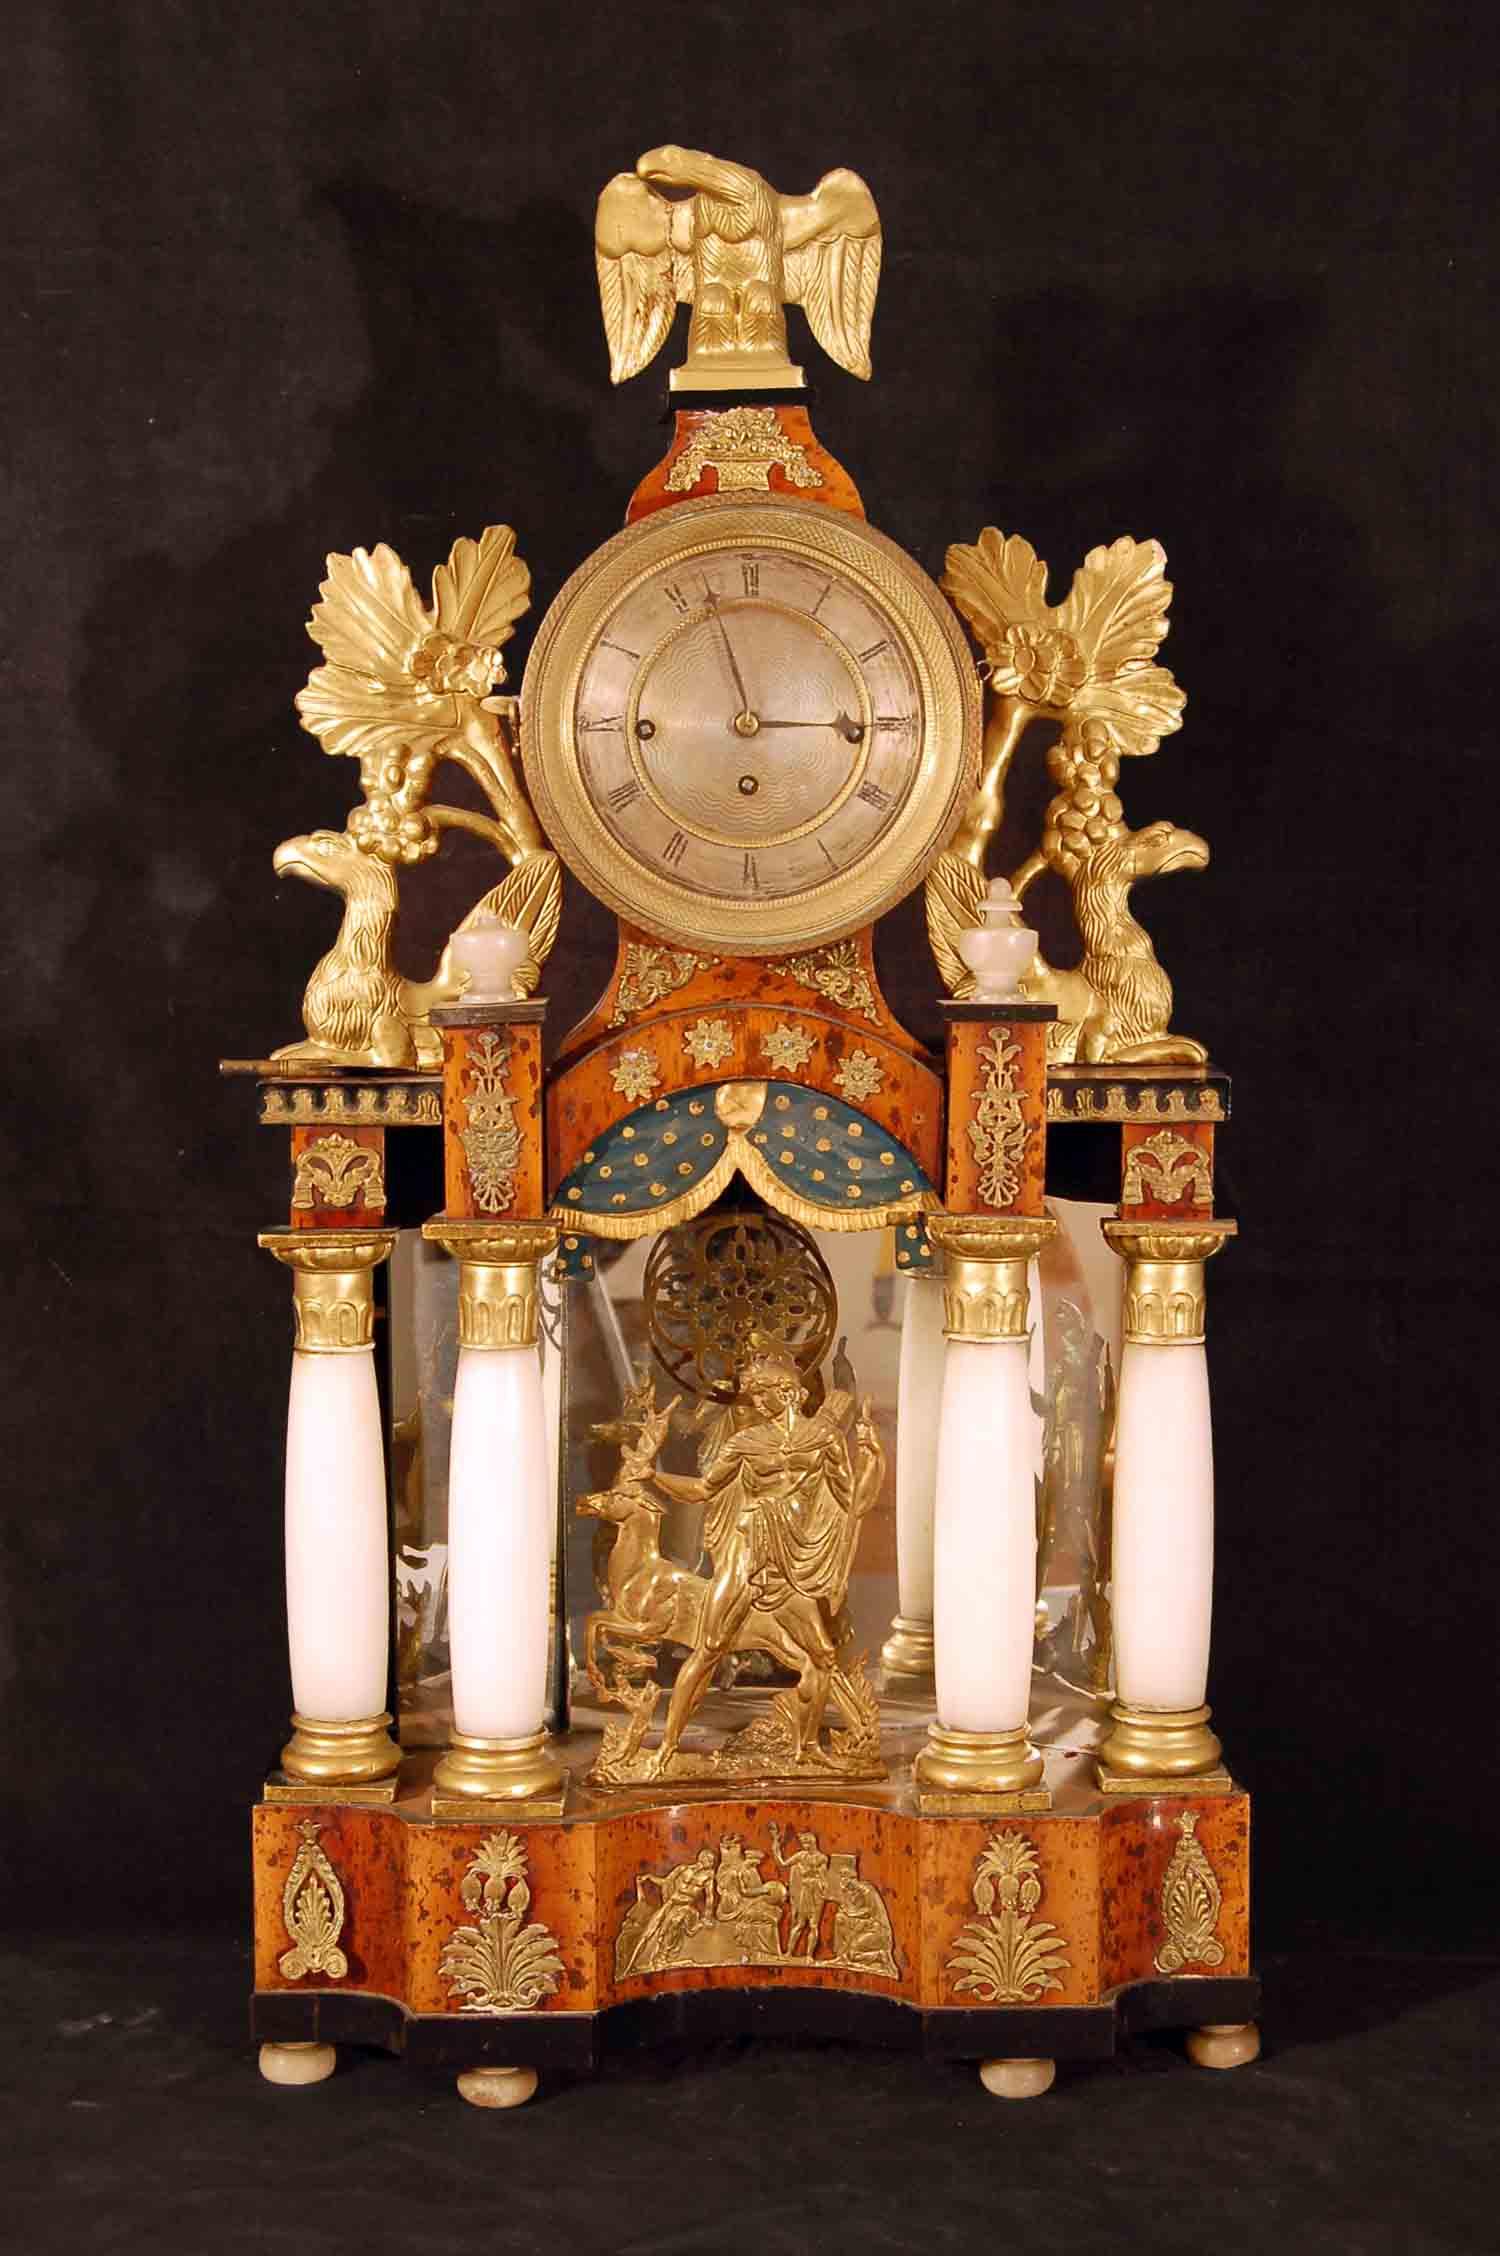 Empire-Säulen-Kommodenuhr, 4/4 Schlag auf Feder, reich dekoriert, intakt, Höhe ca. 68cm, Ende 18.Jh